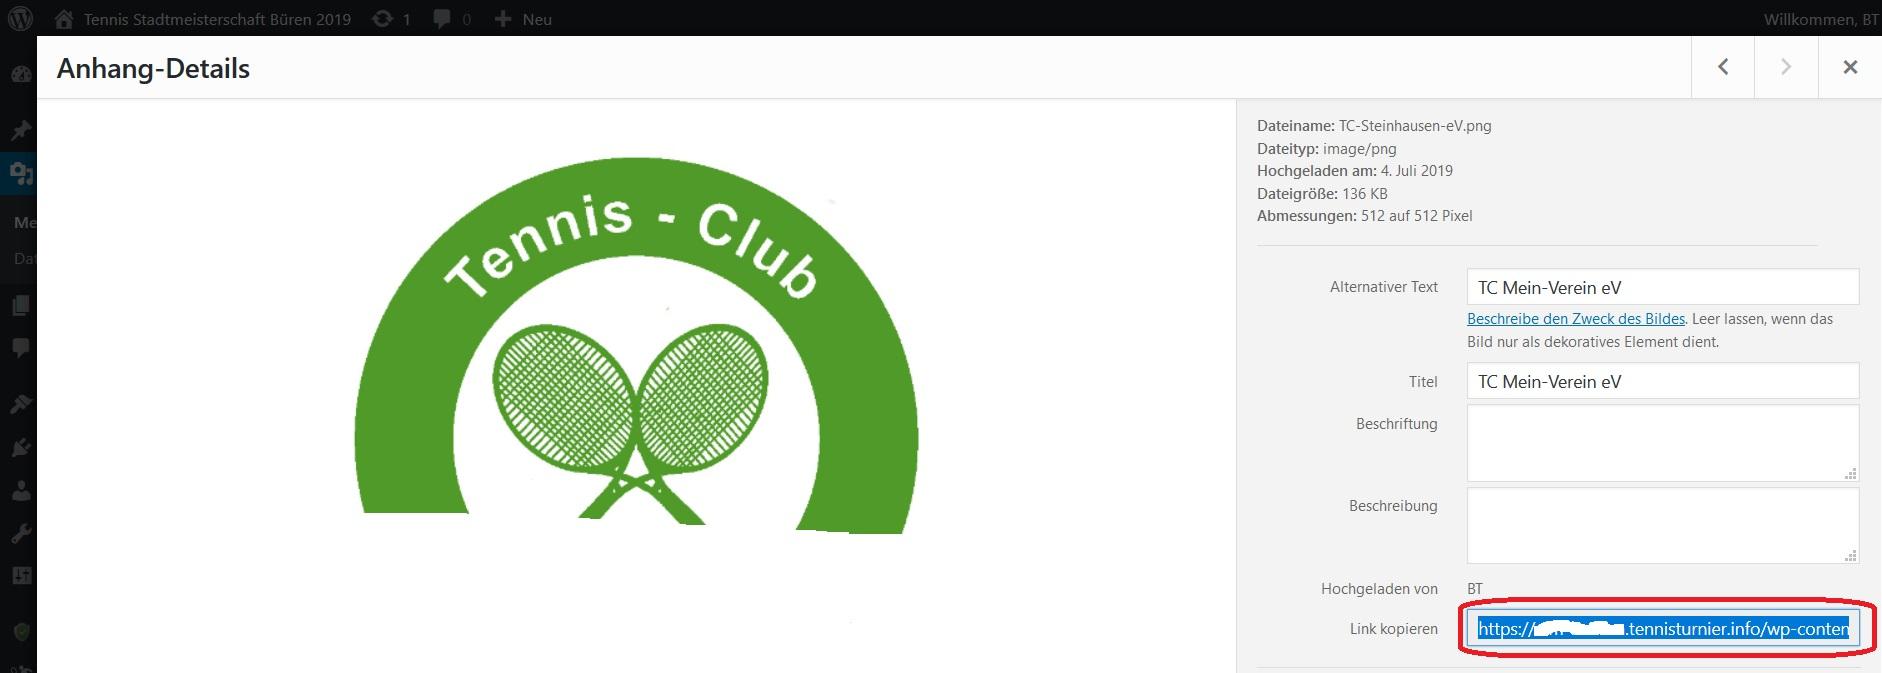 Wordpress Tennisturnier-Medien-Datei hinzufuegen